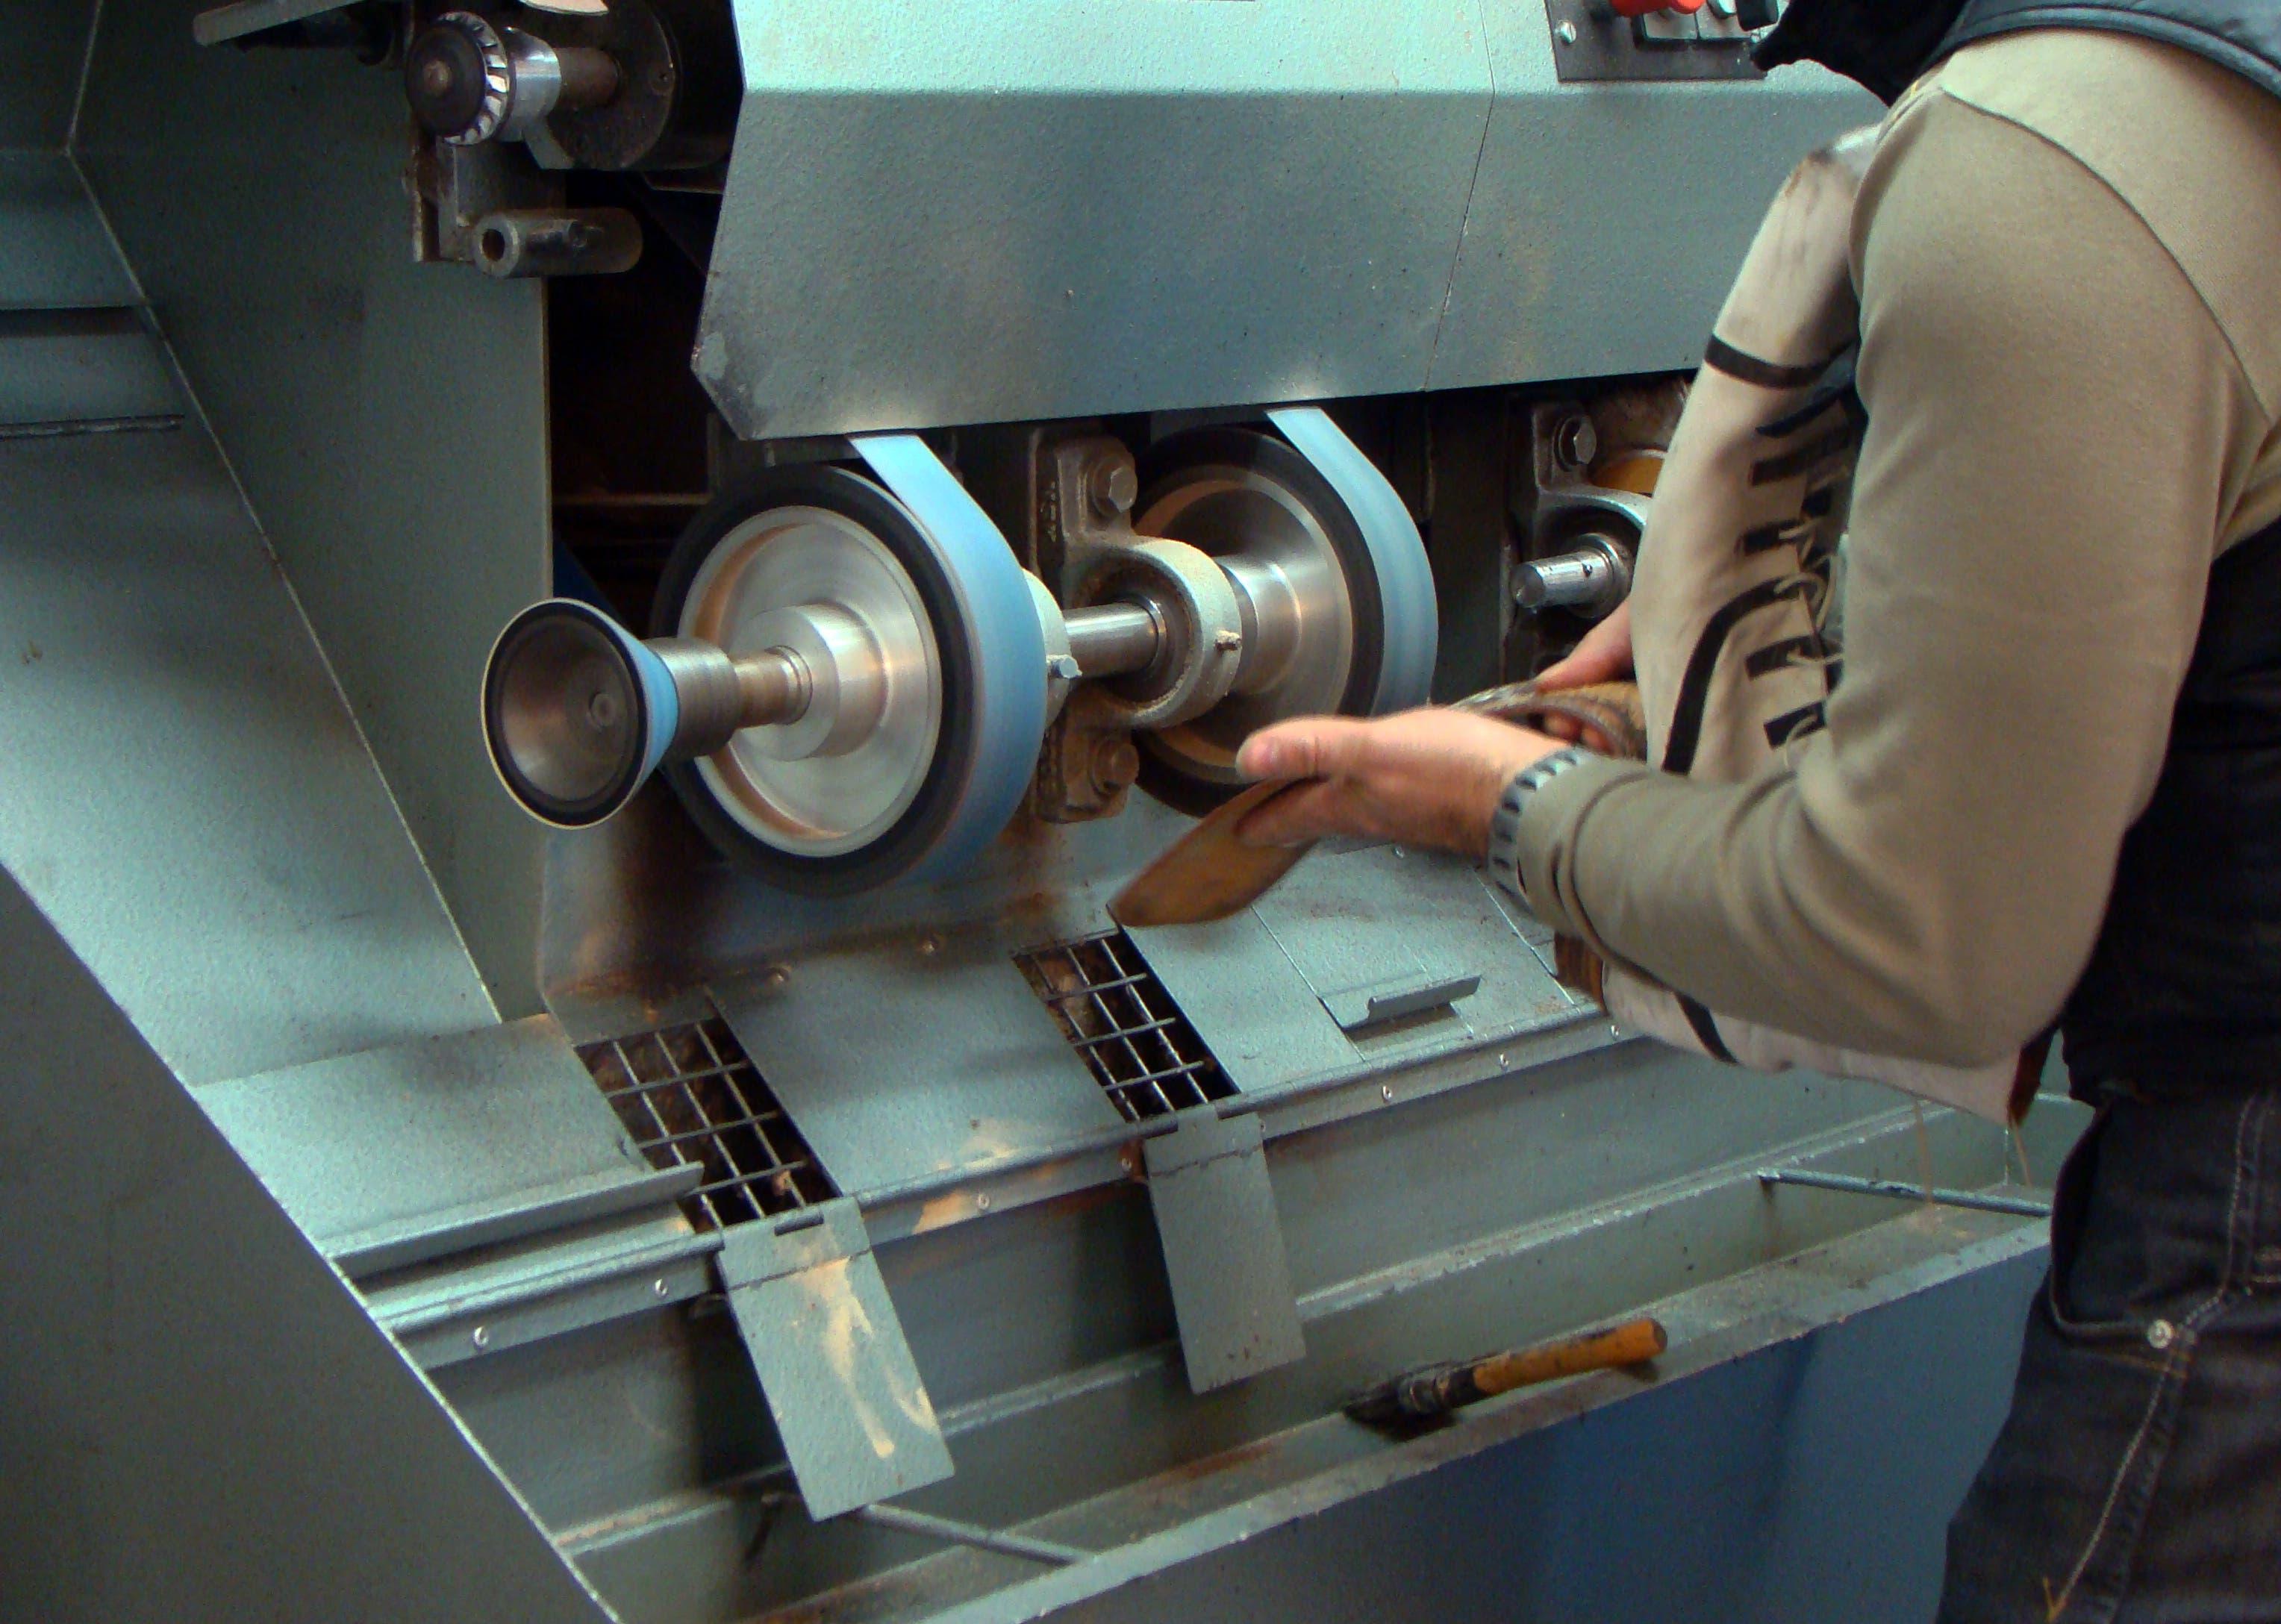 Zapatero sufre accidente con la máquina mientras trabajaba